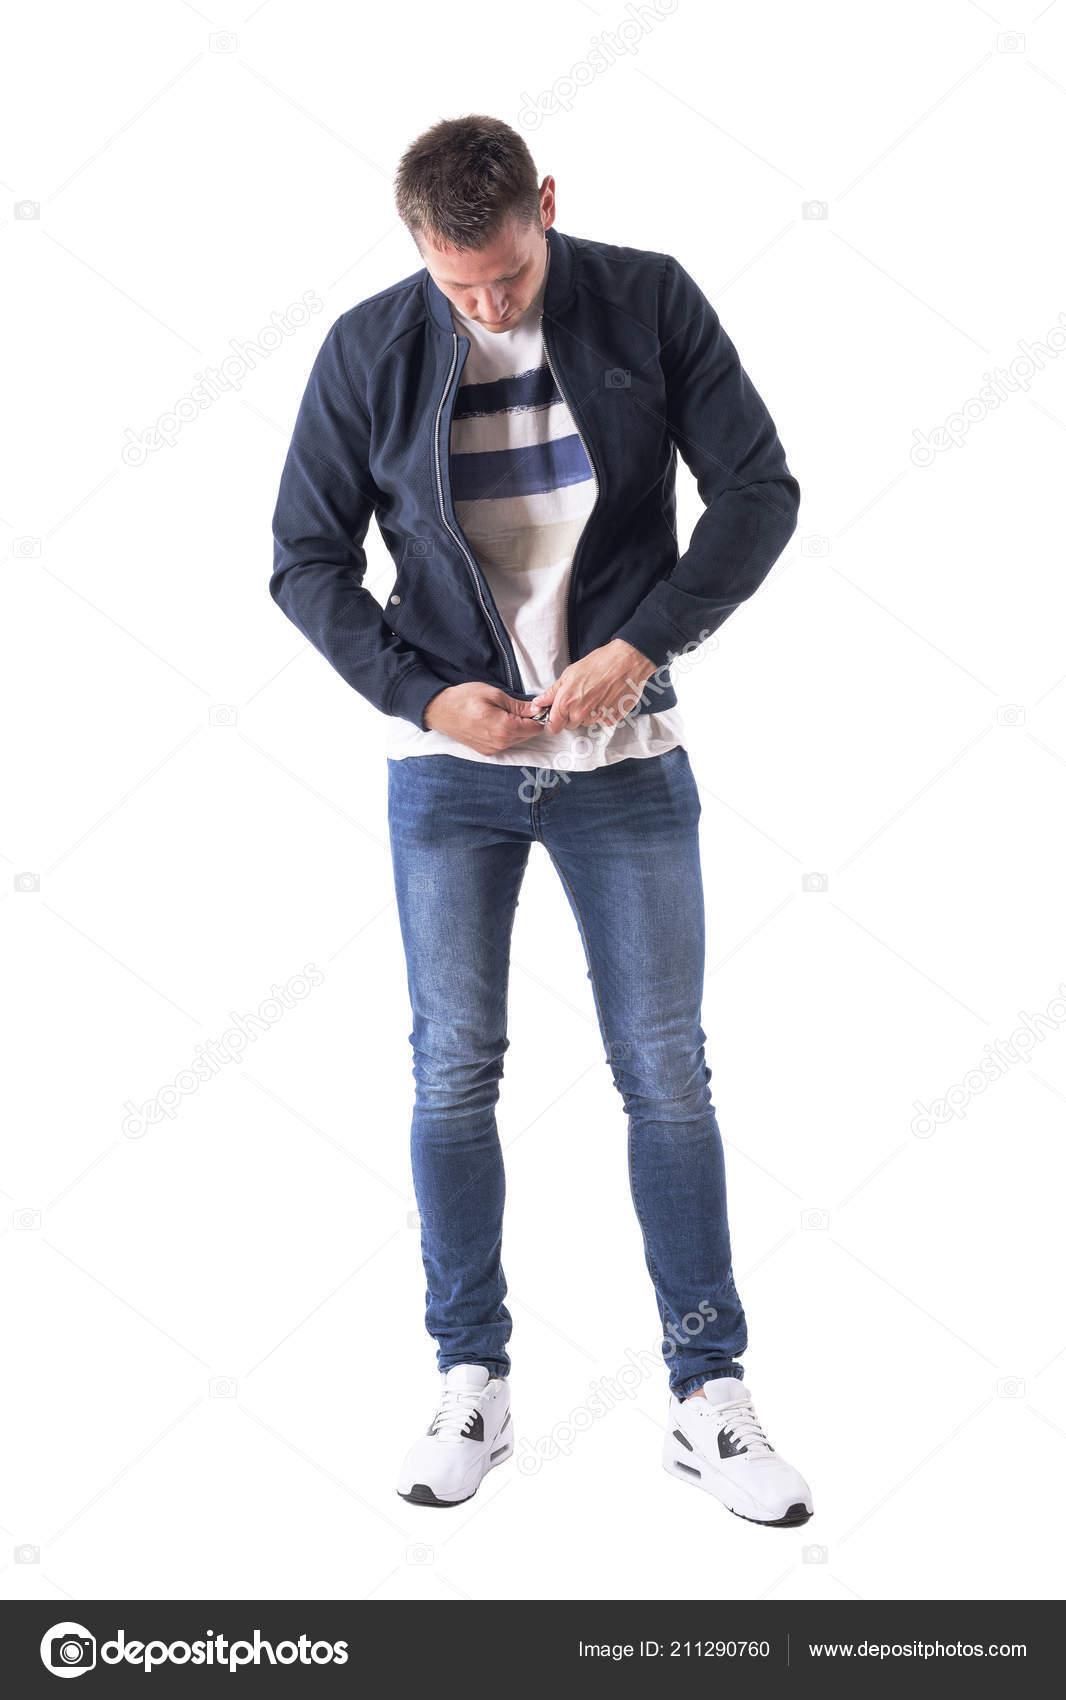 Casual Hombre Adulto Joven Vestirse Zipping Chaqueta Mirando